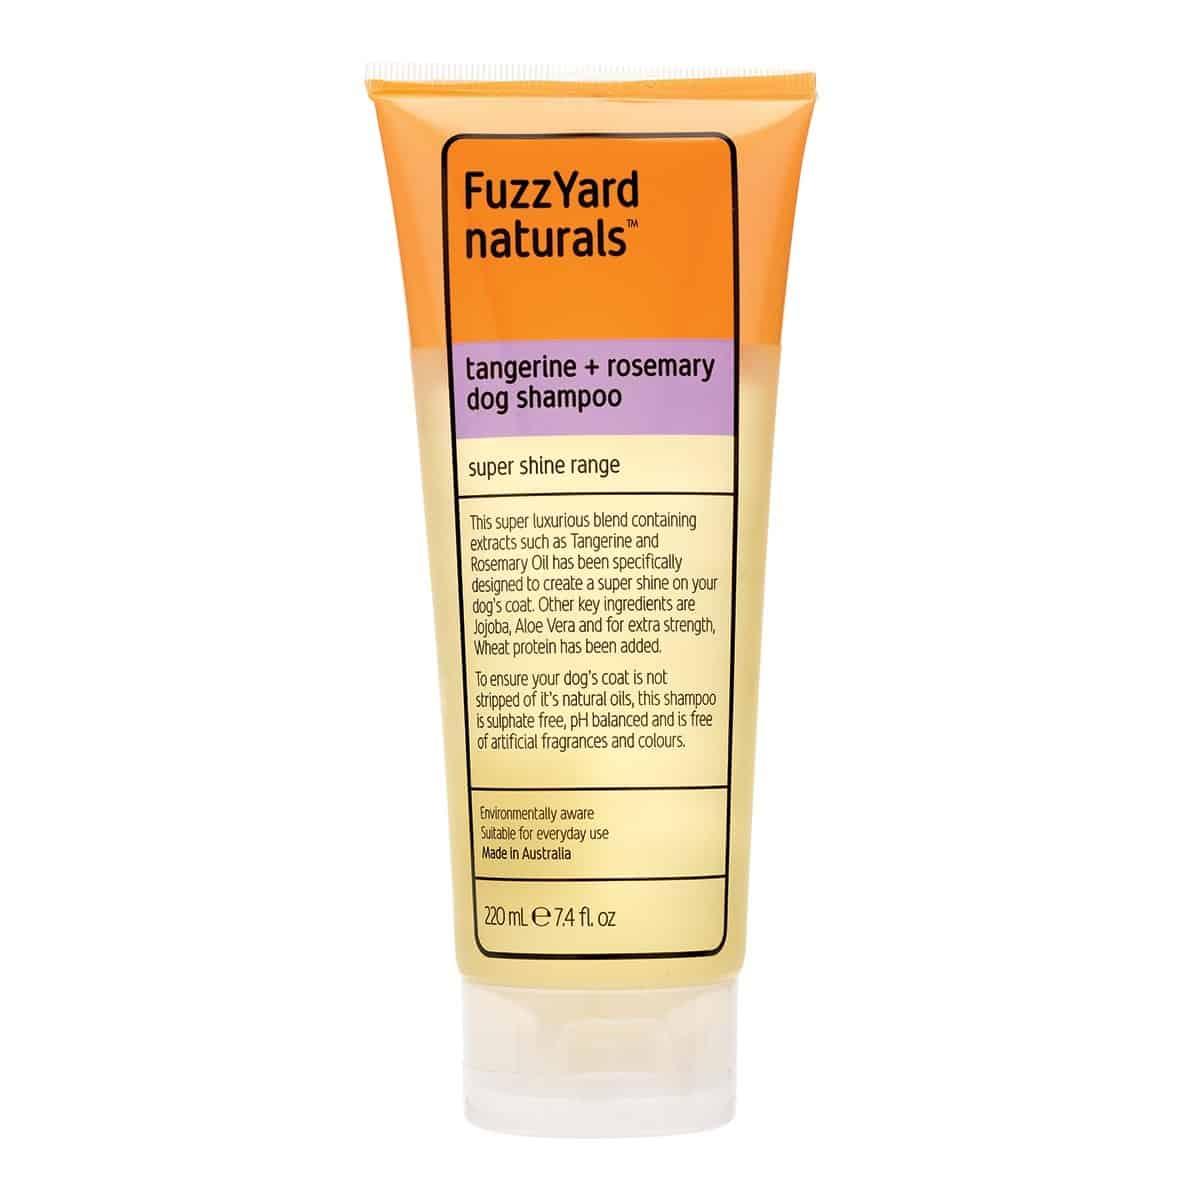 Fuzzyard Naturals - Super Shine Range Shampoo